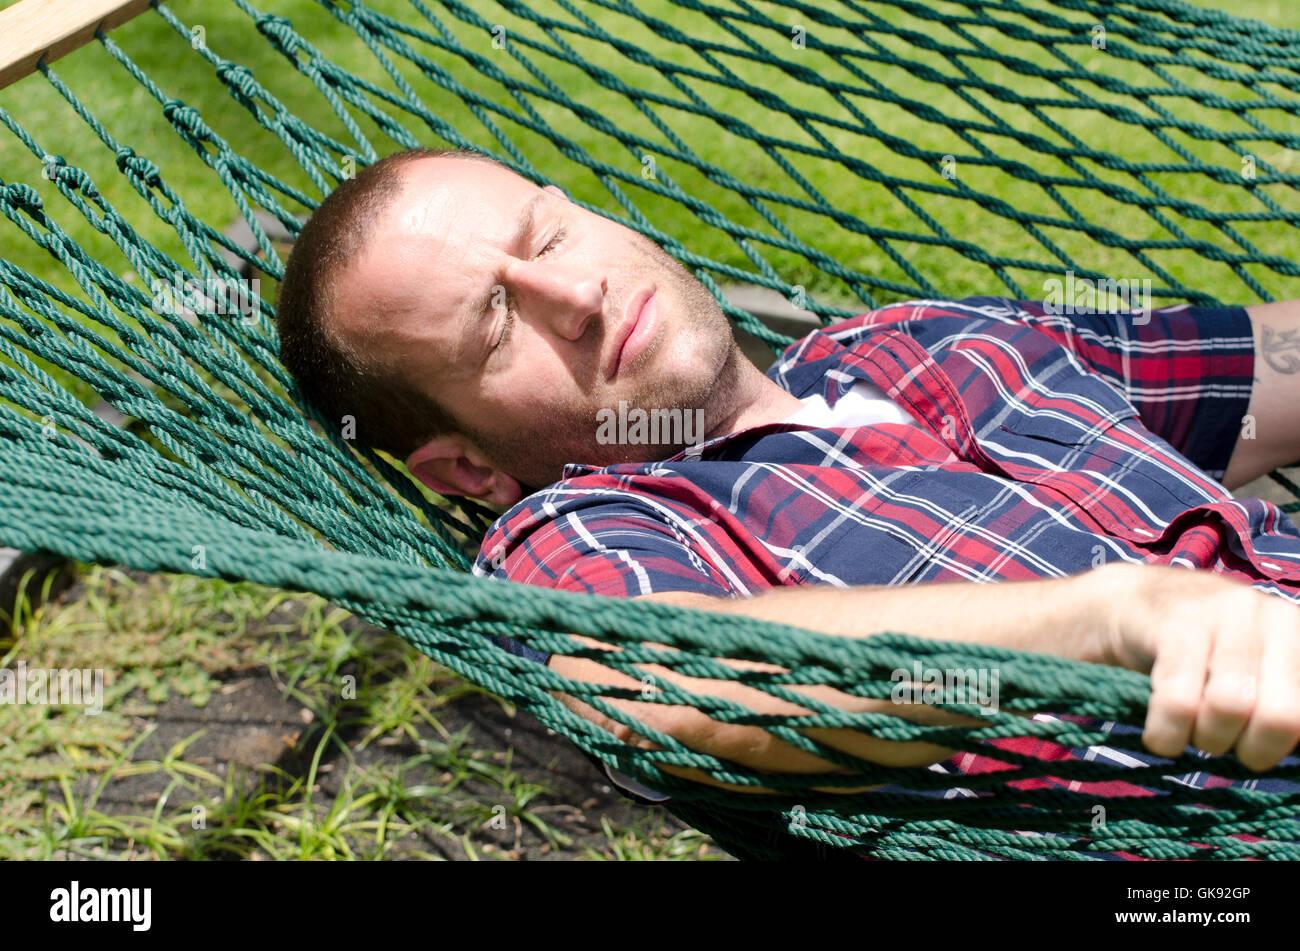 Man Sleeping In Hammock Stock Photos Amp Man Sleeping In